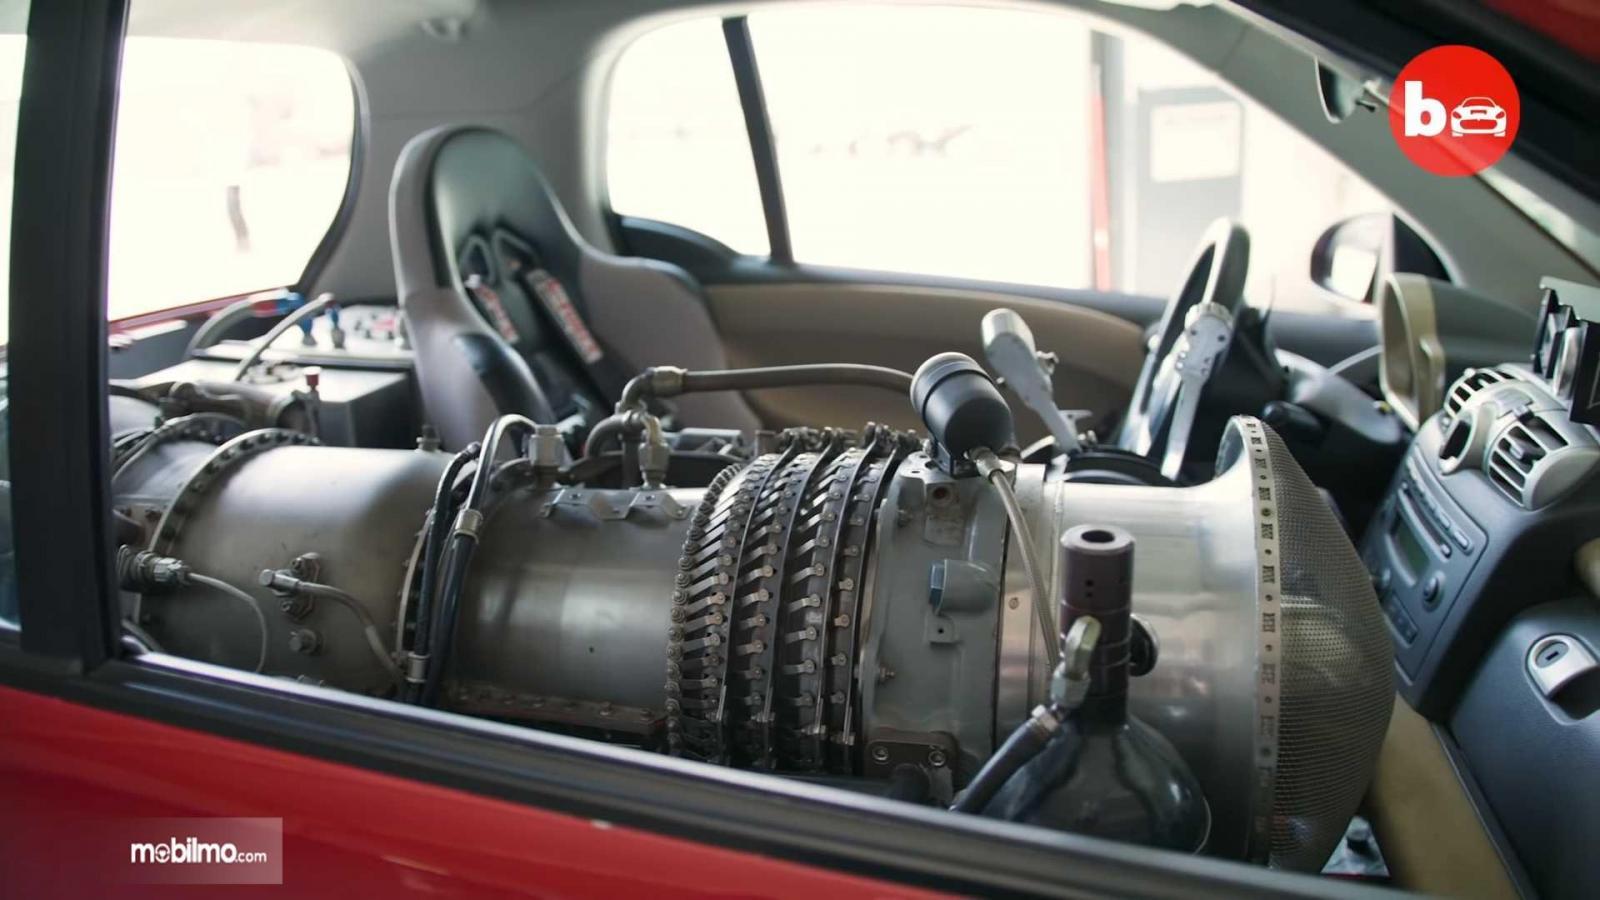 Gambar mesin jet di dalam mobil